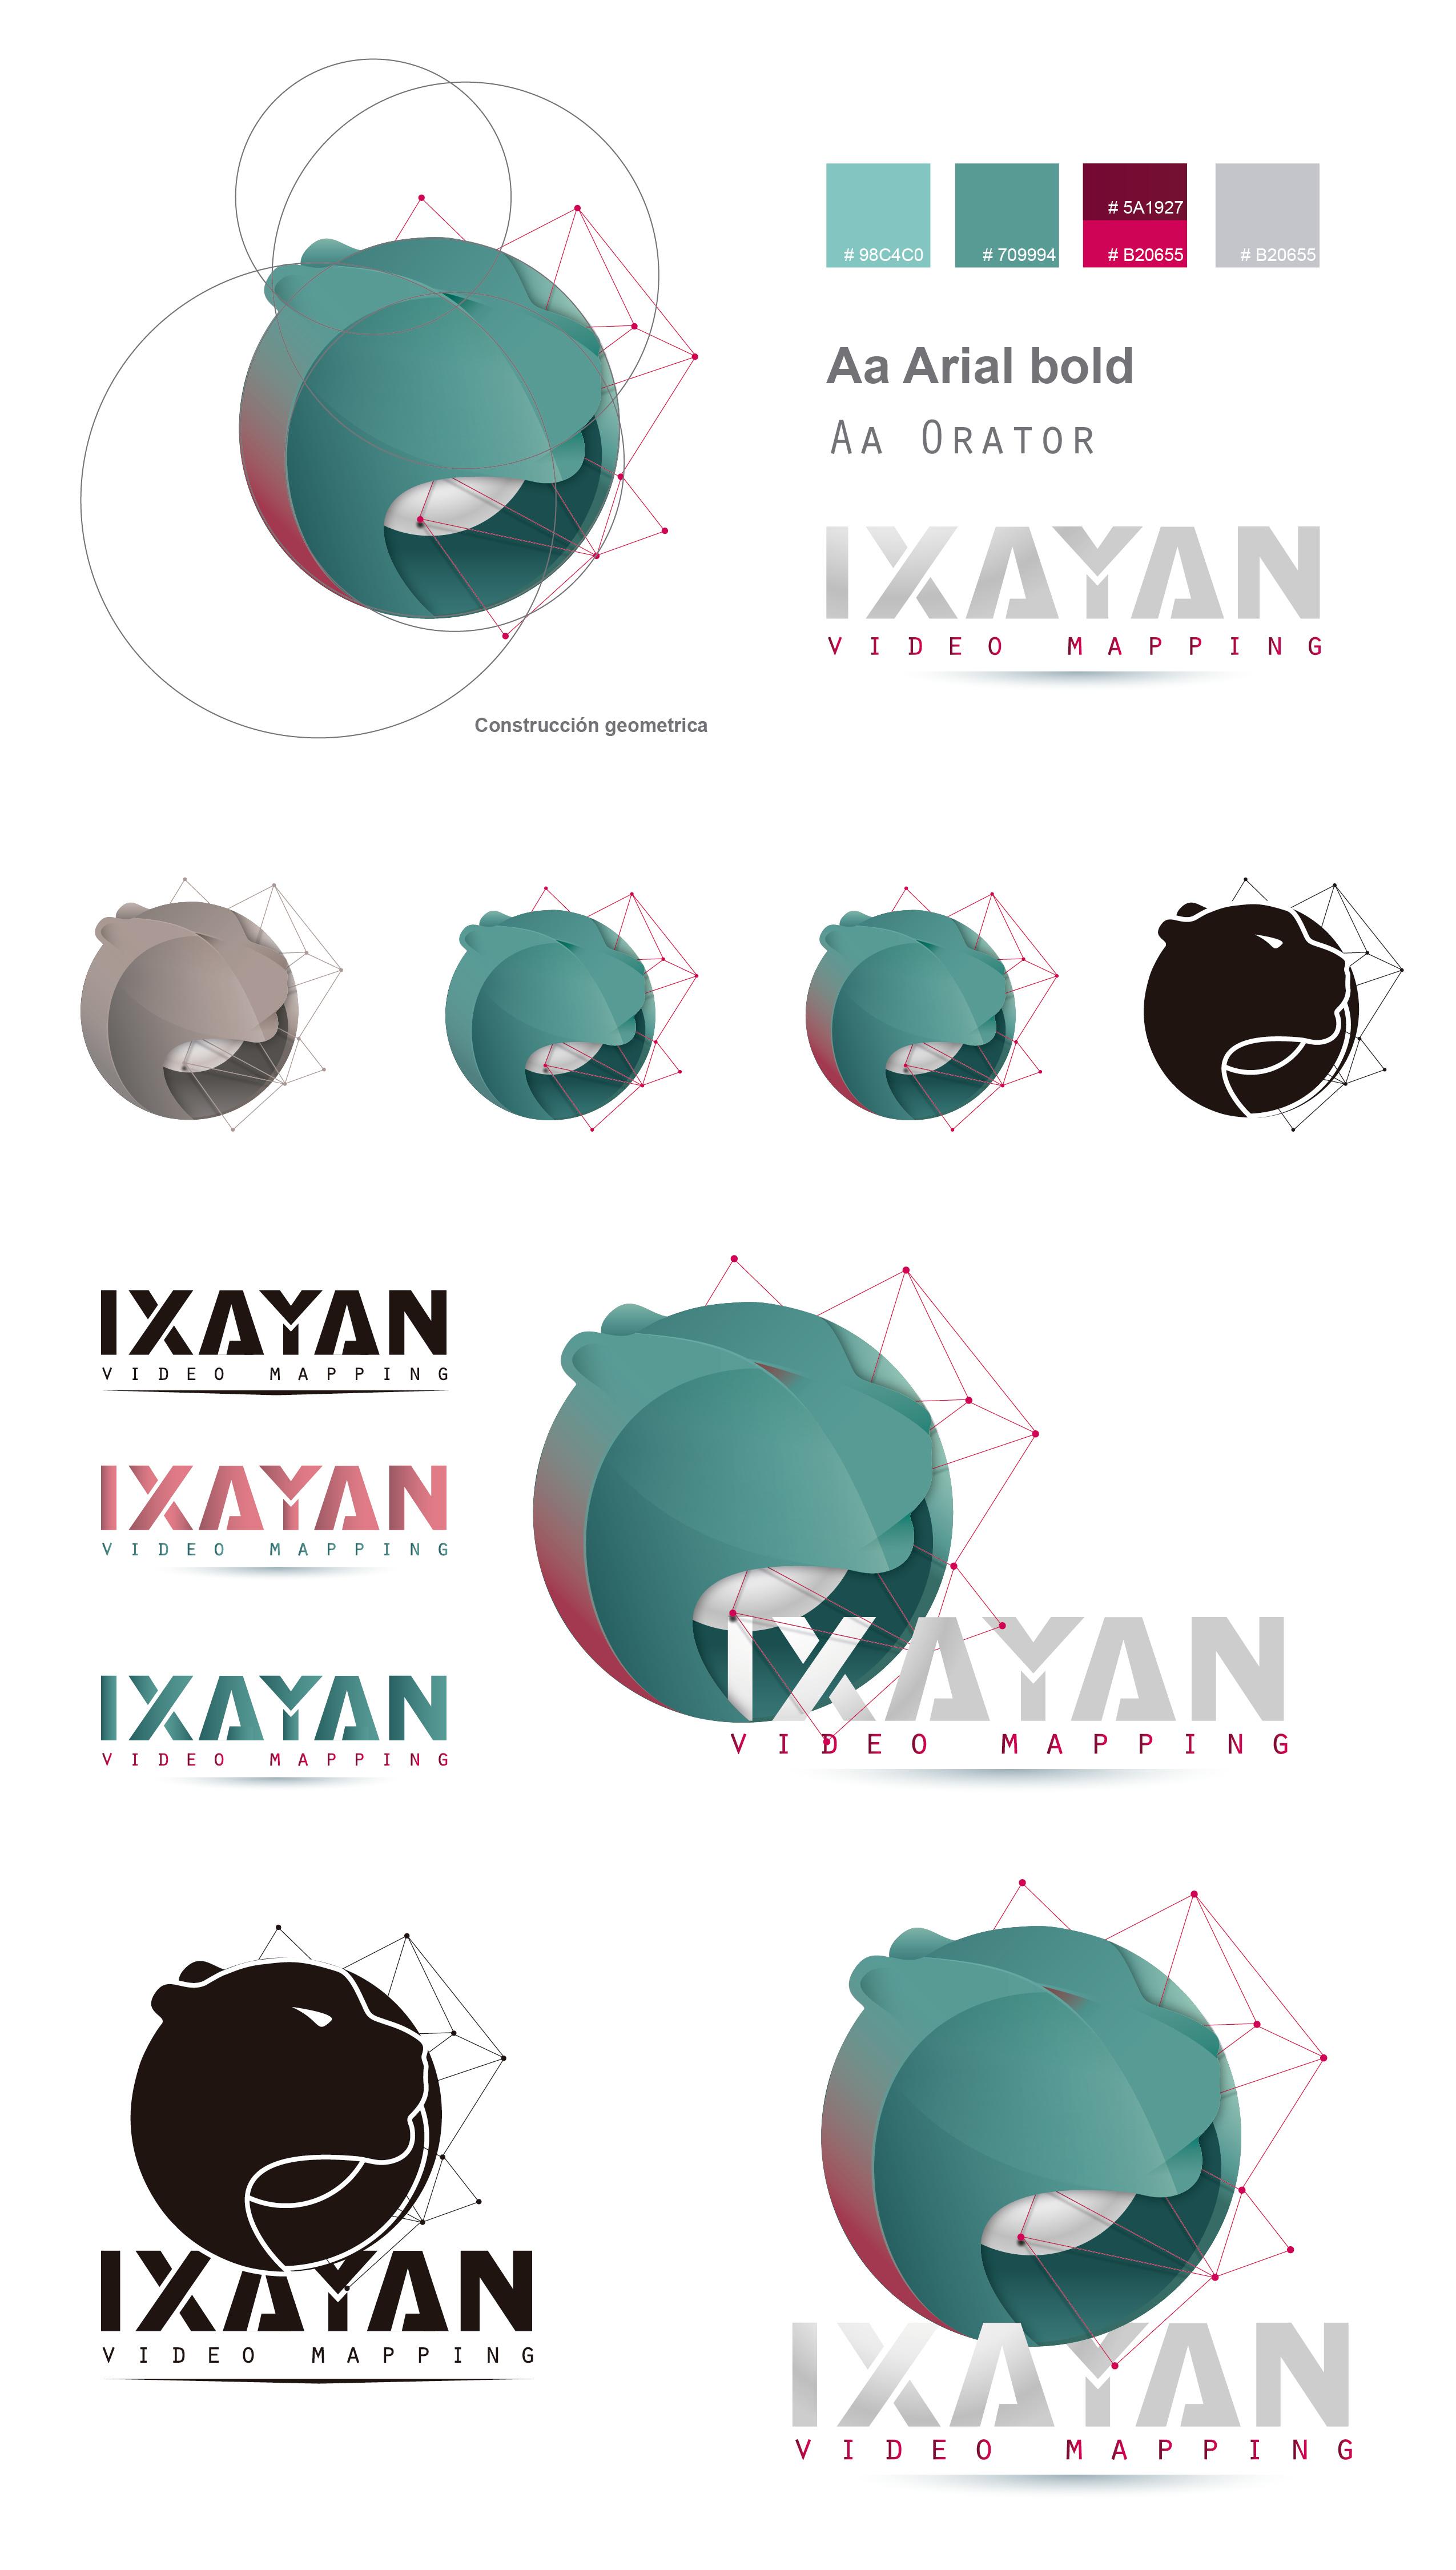 ixayanlogo3-01